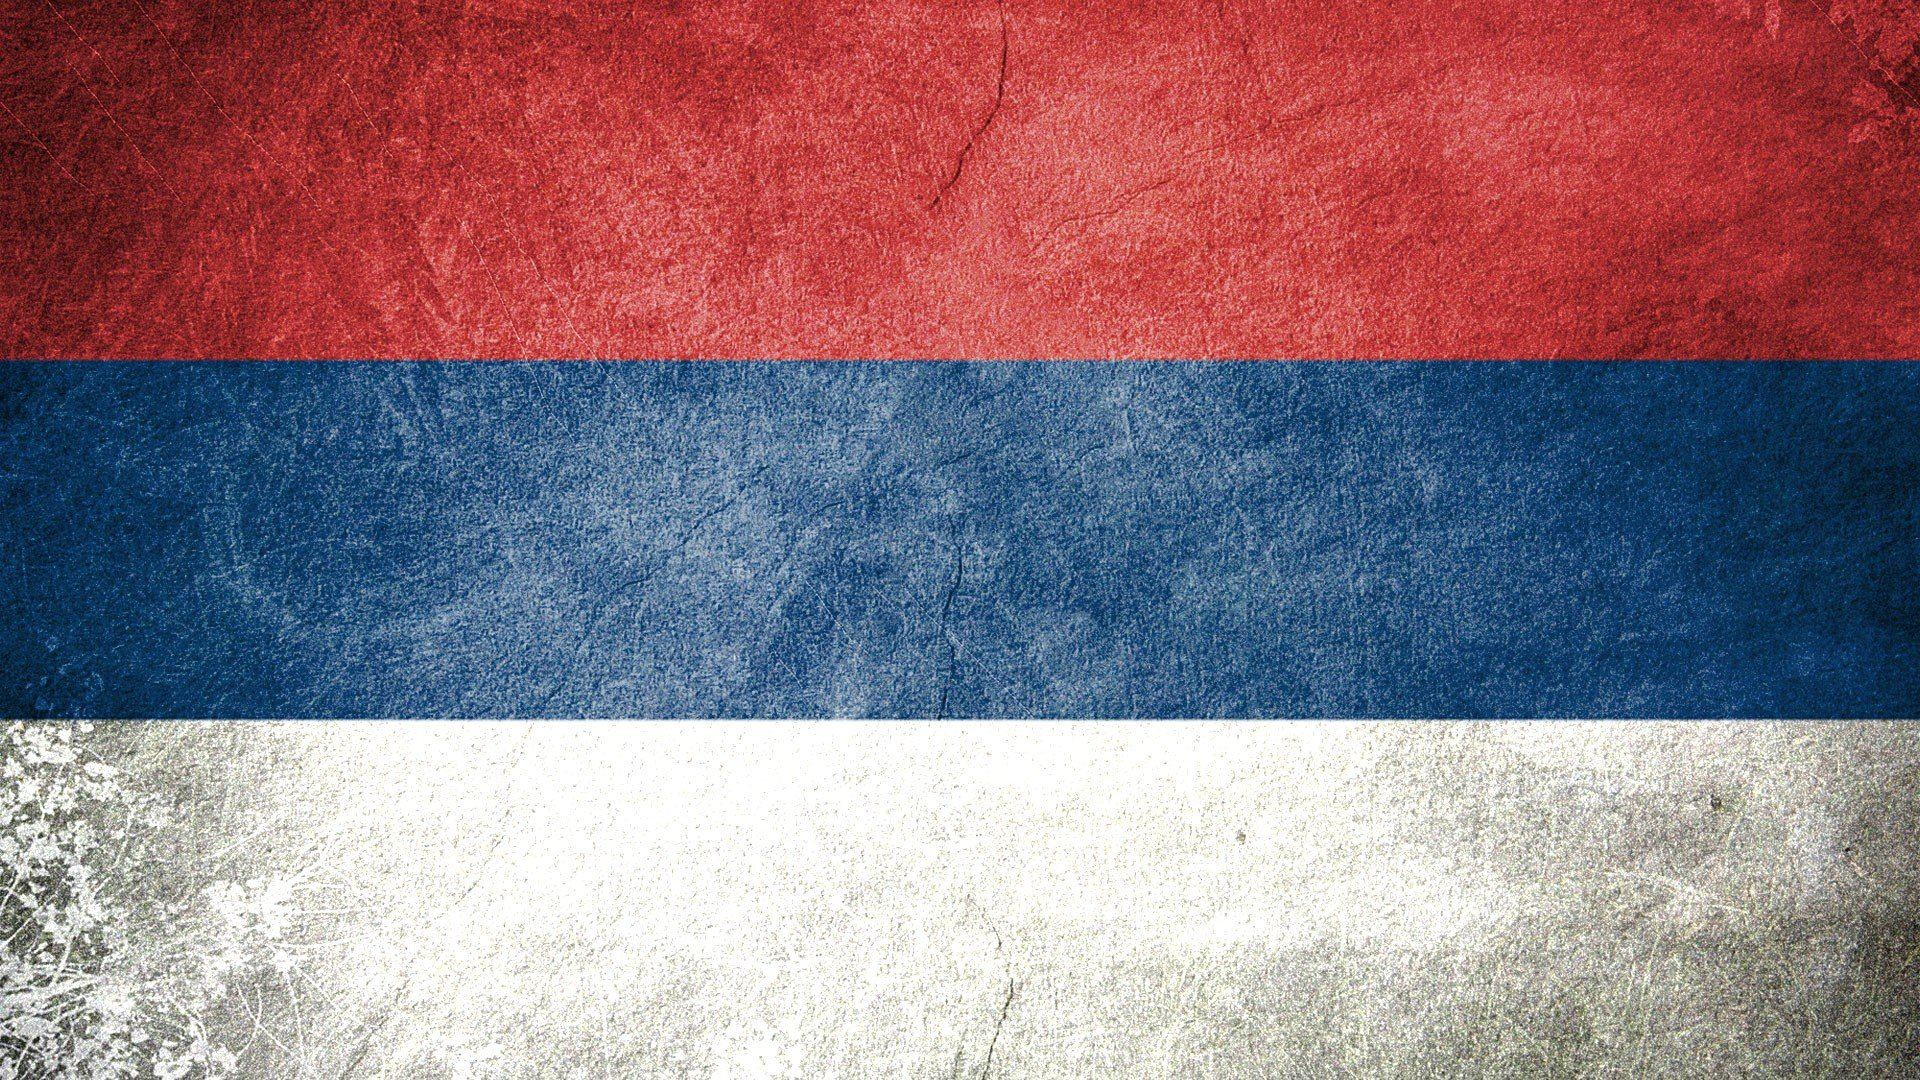 Download Serbia Wallpaper 1920x1080 Flags Serbia Serbian Civil 1920x1080